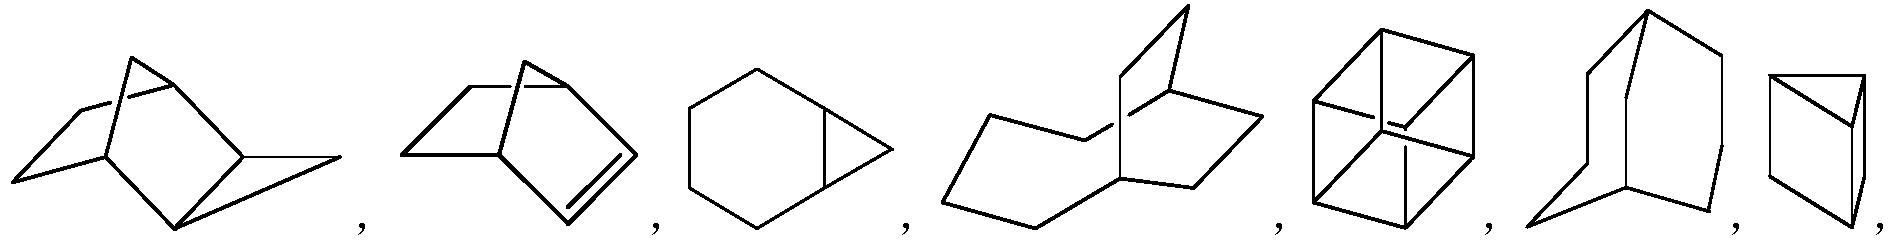 Figure PCTCN2017084604-appb-000011